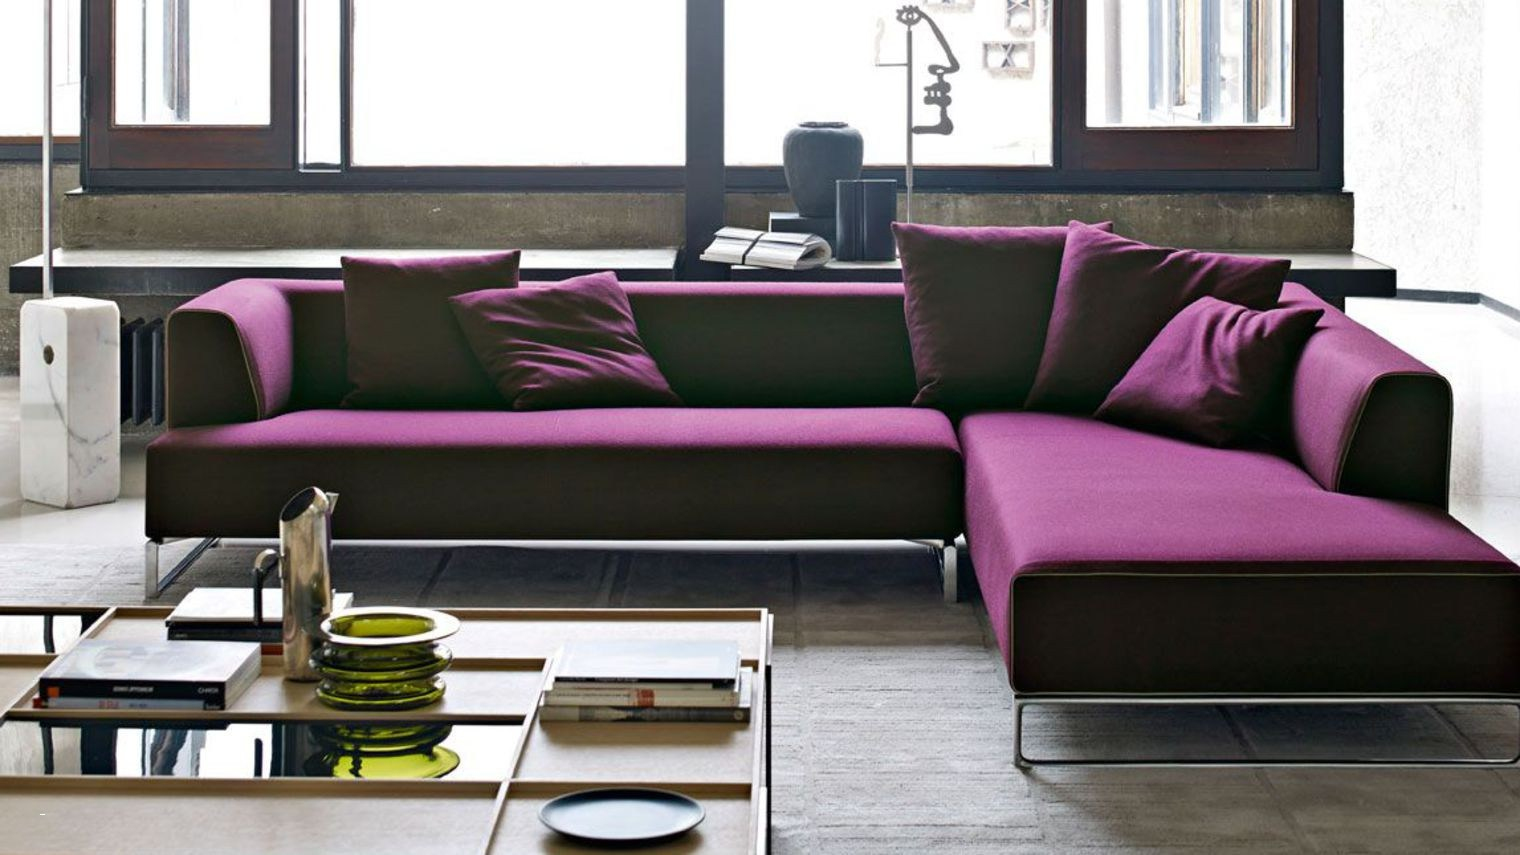 La Redoute Housse Canapé Meilleur De Image 27 Incroyable Canapé Design Design De Maison